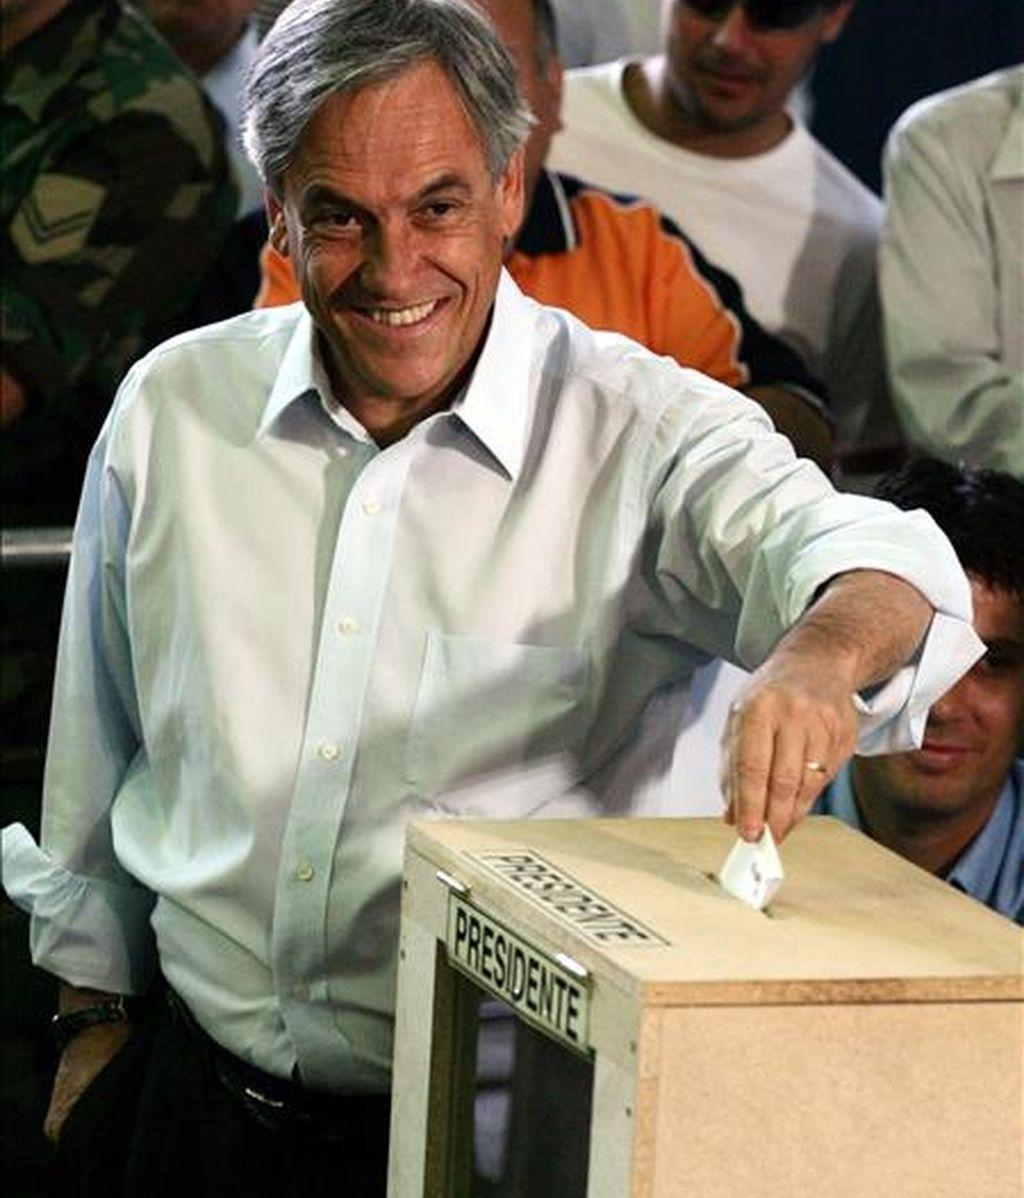 Según los más recientes sondeos, Piñera (en la imagen) tiene un apoyo popular del 35%, seguido del candidato socialista independiente Marco Enríquez-Ominami (26%) y de Frei (22%). EFE/Archivo